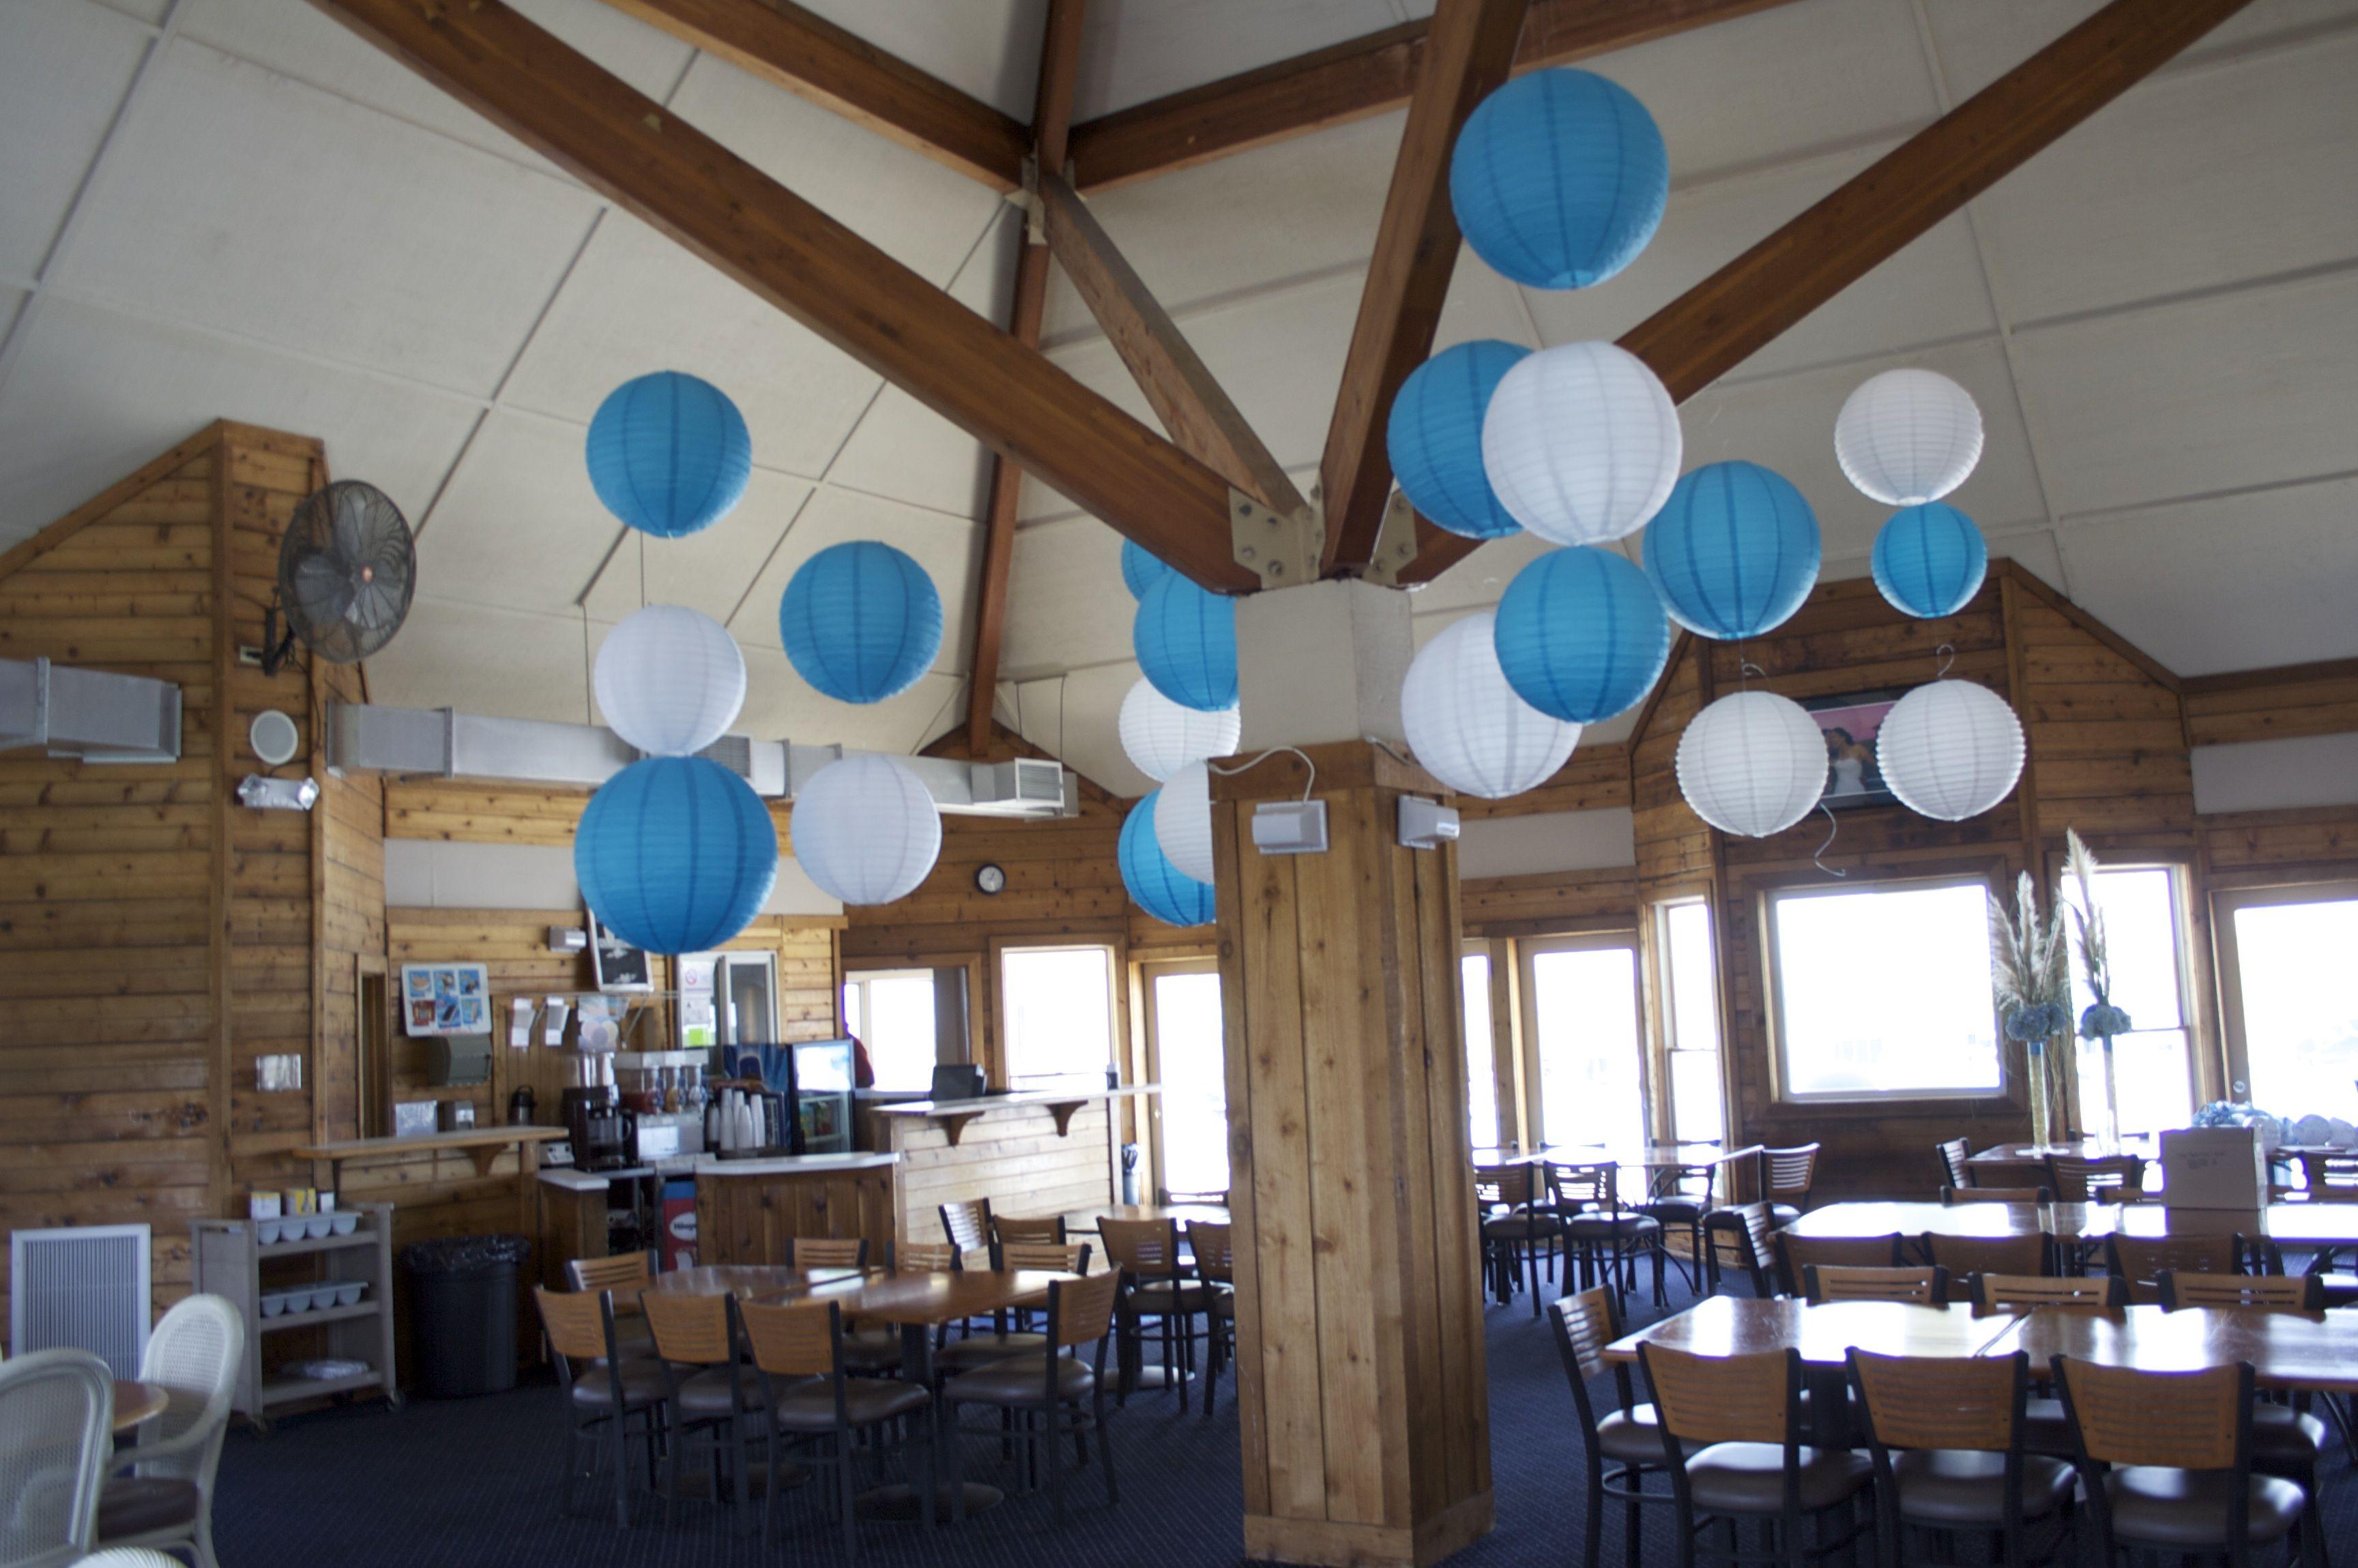 More Paper Lanterns The Village Beach Club Nags Head Nc